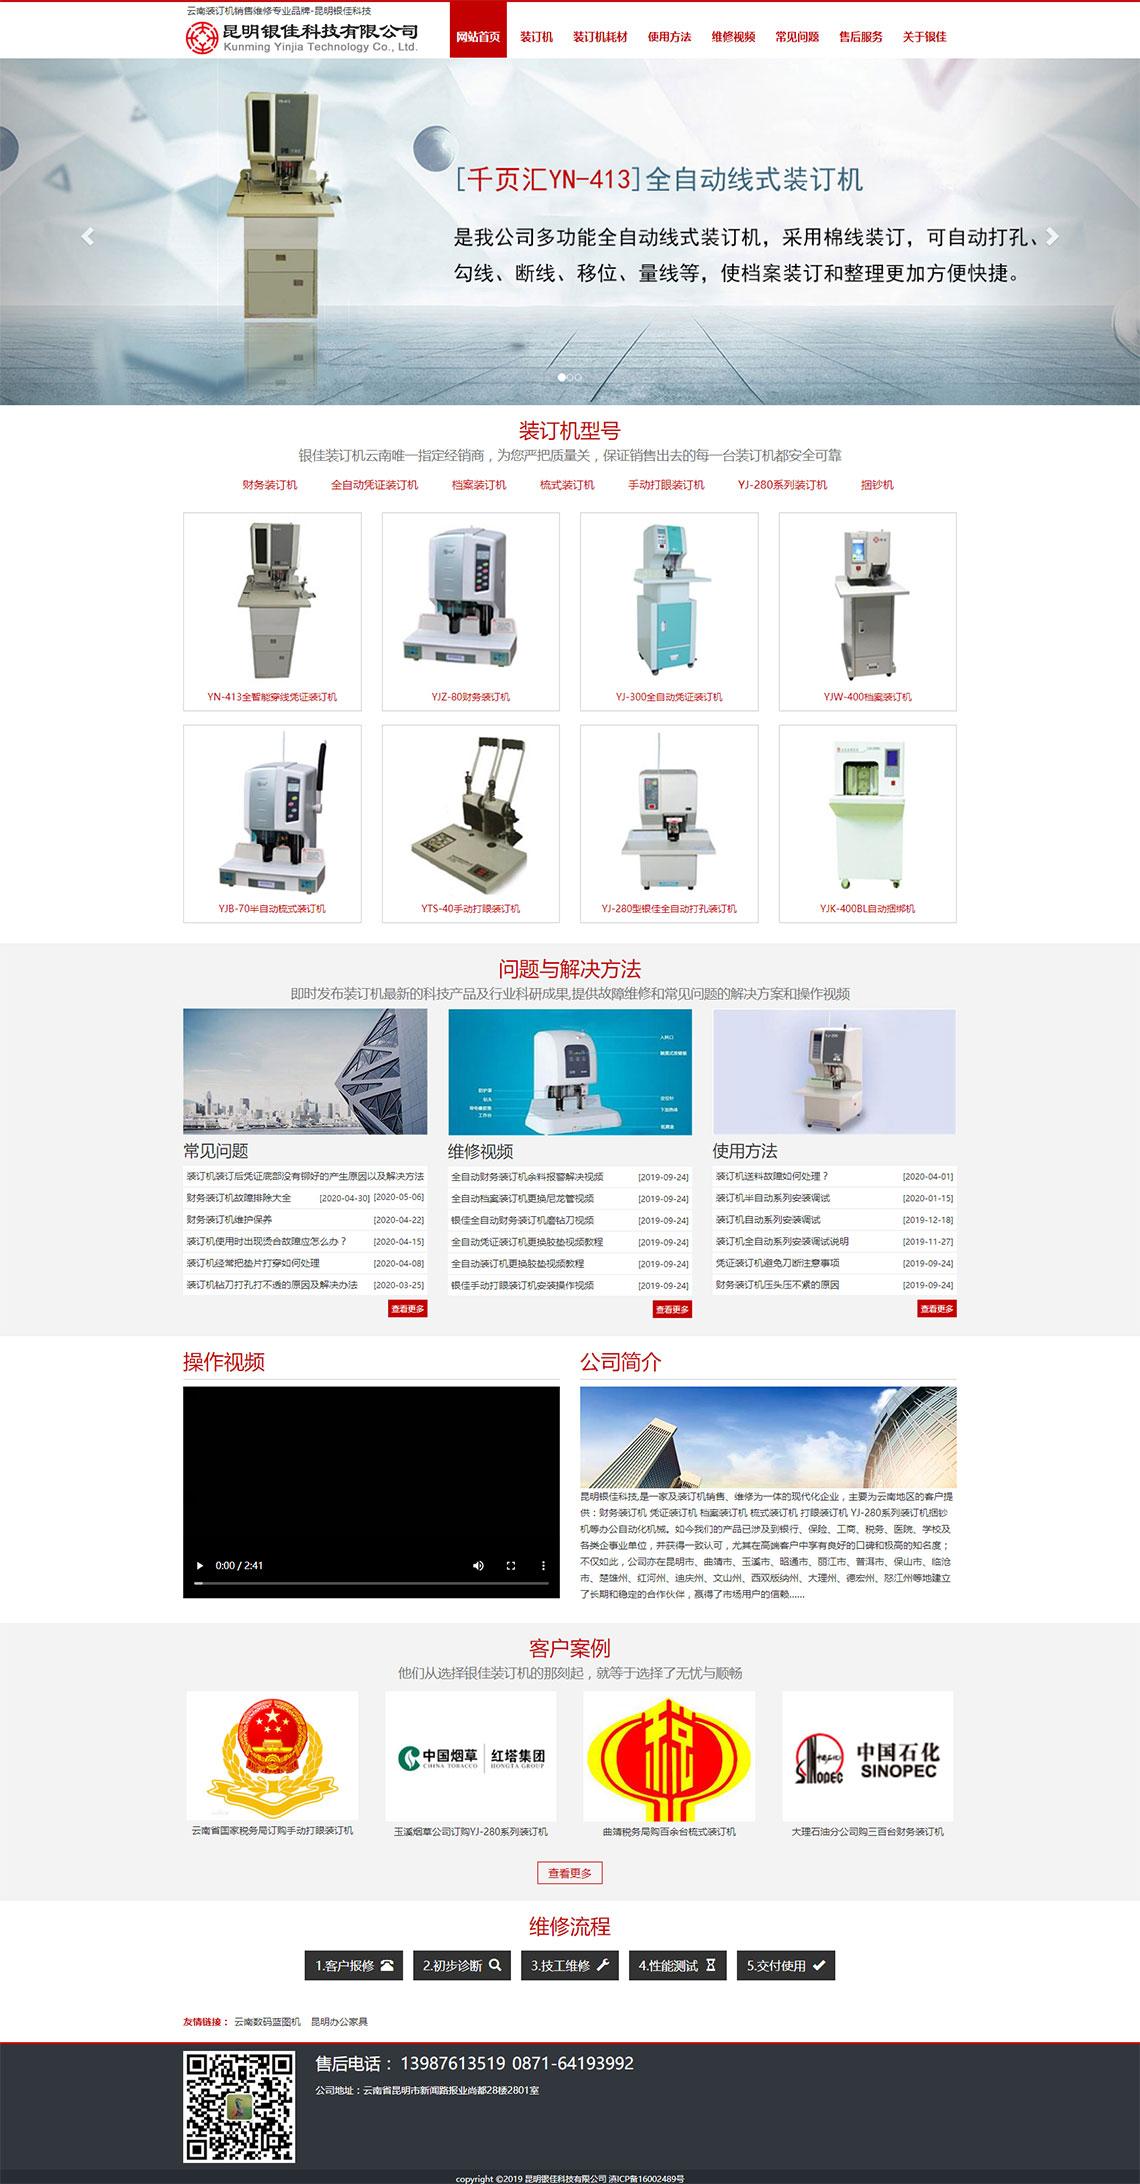 昆明银佳科技有限公司网站首页截图